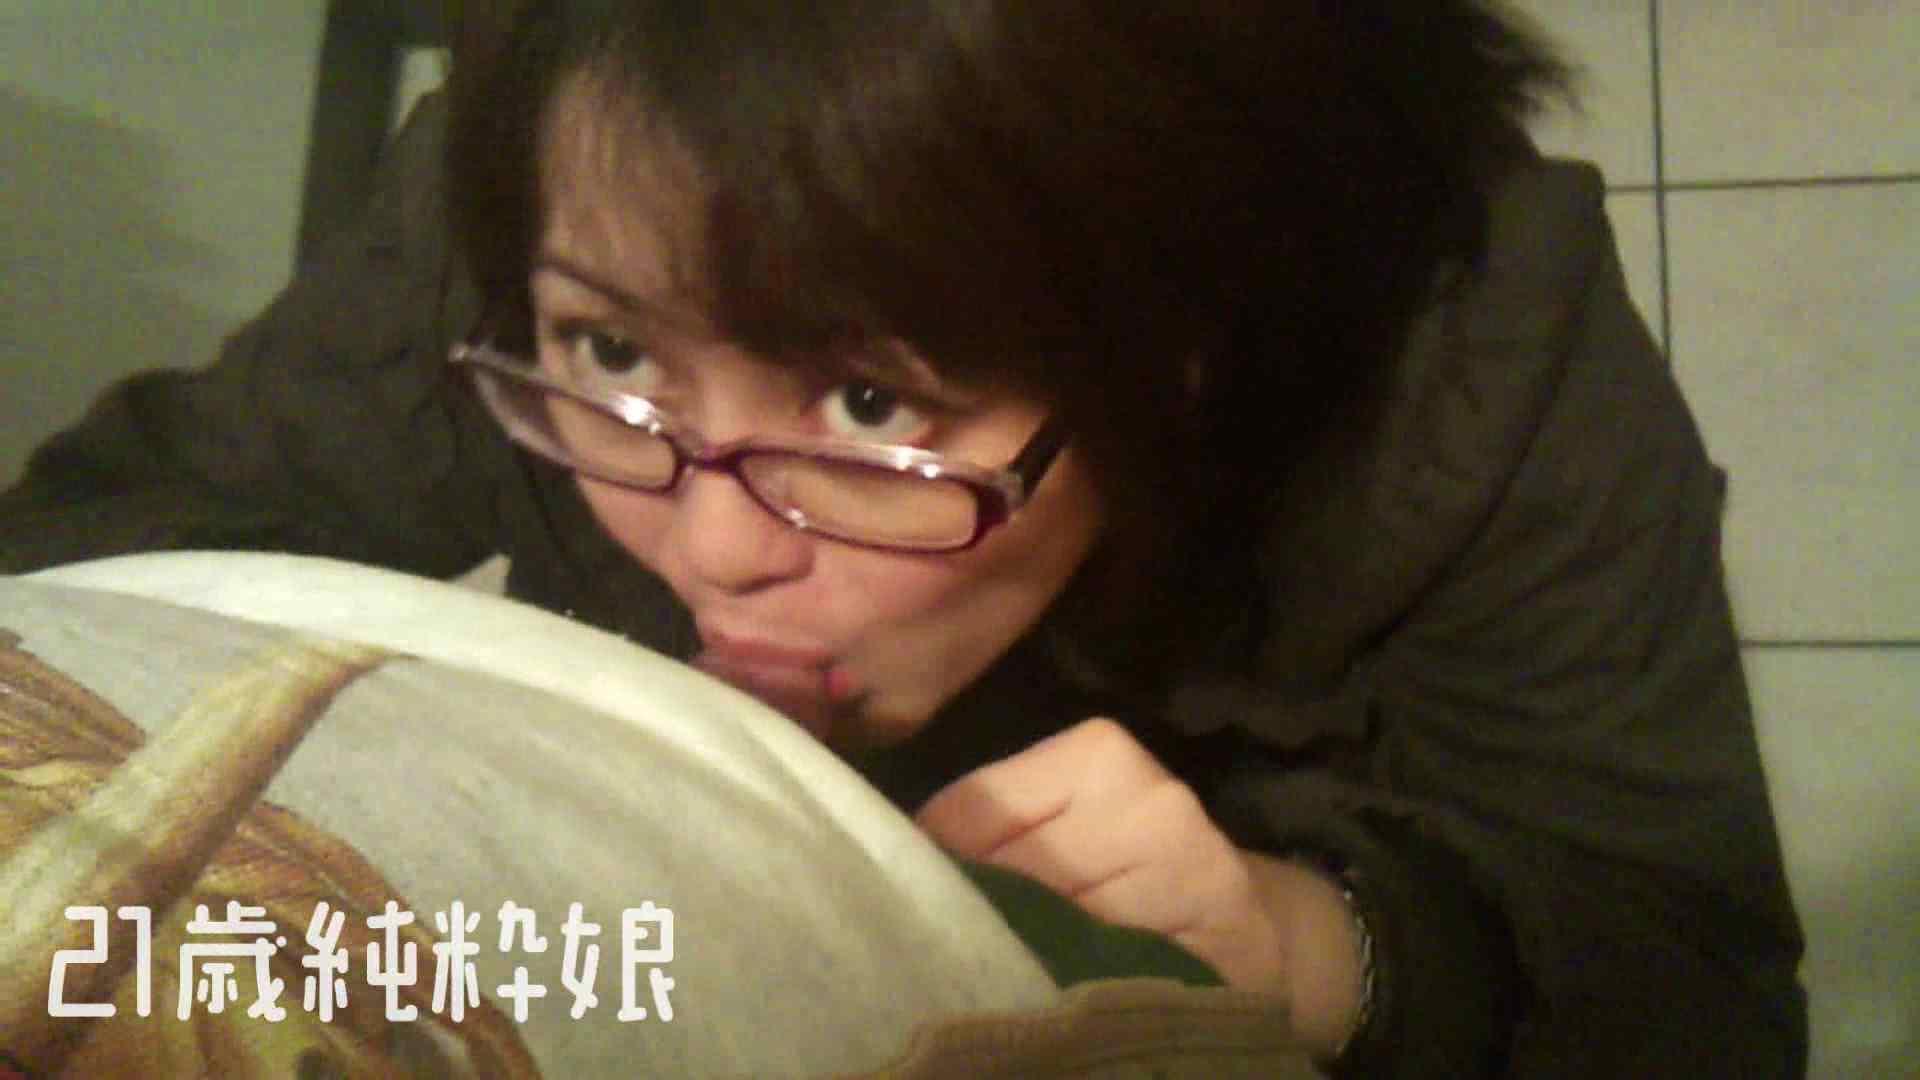 Gカップ21歳純粋嬢第2弾Vol.5 OL | 学校  75連発 23